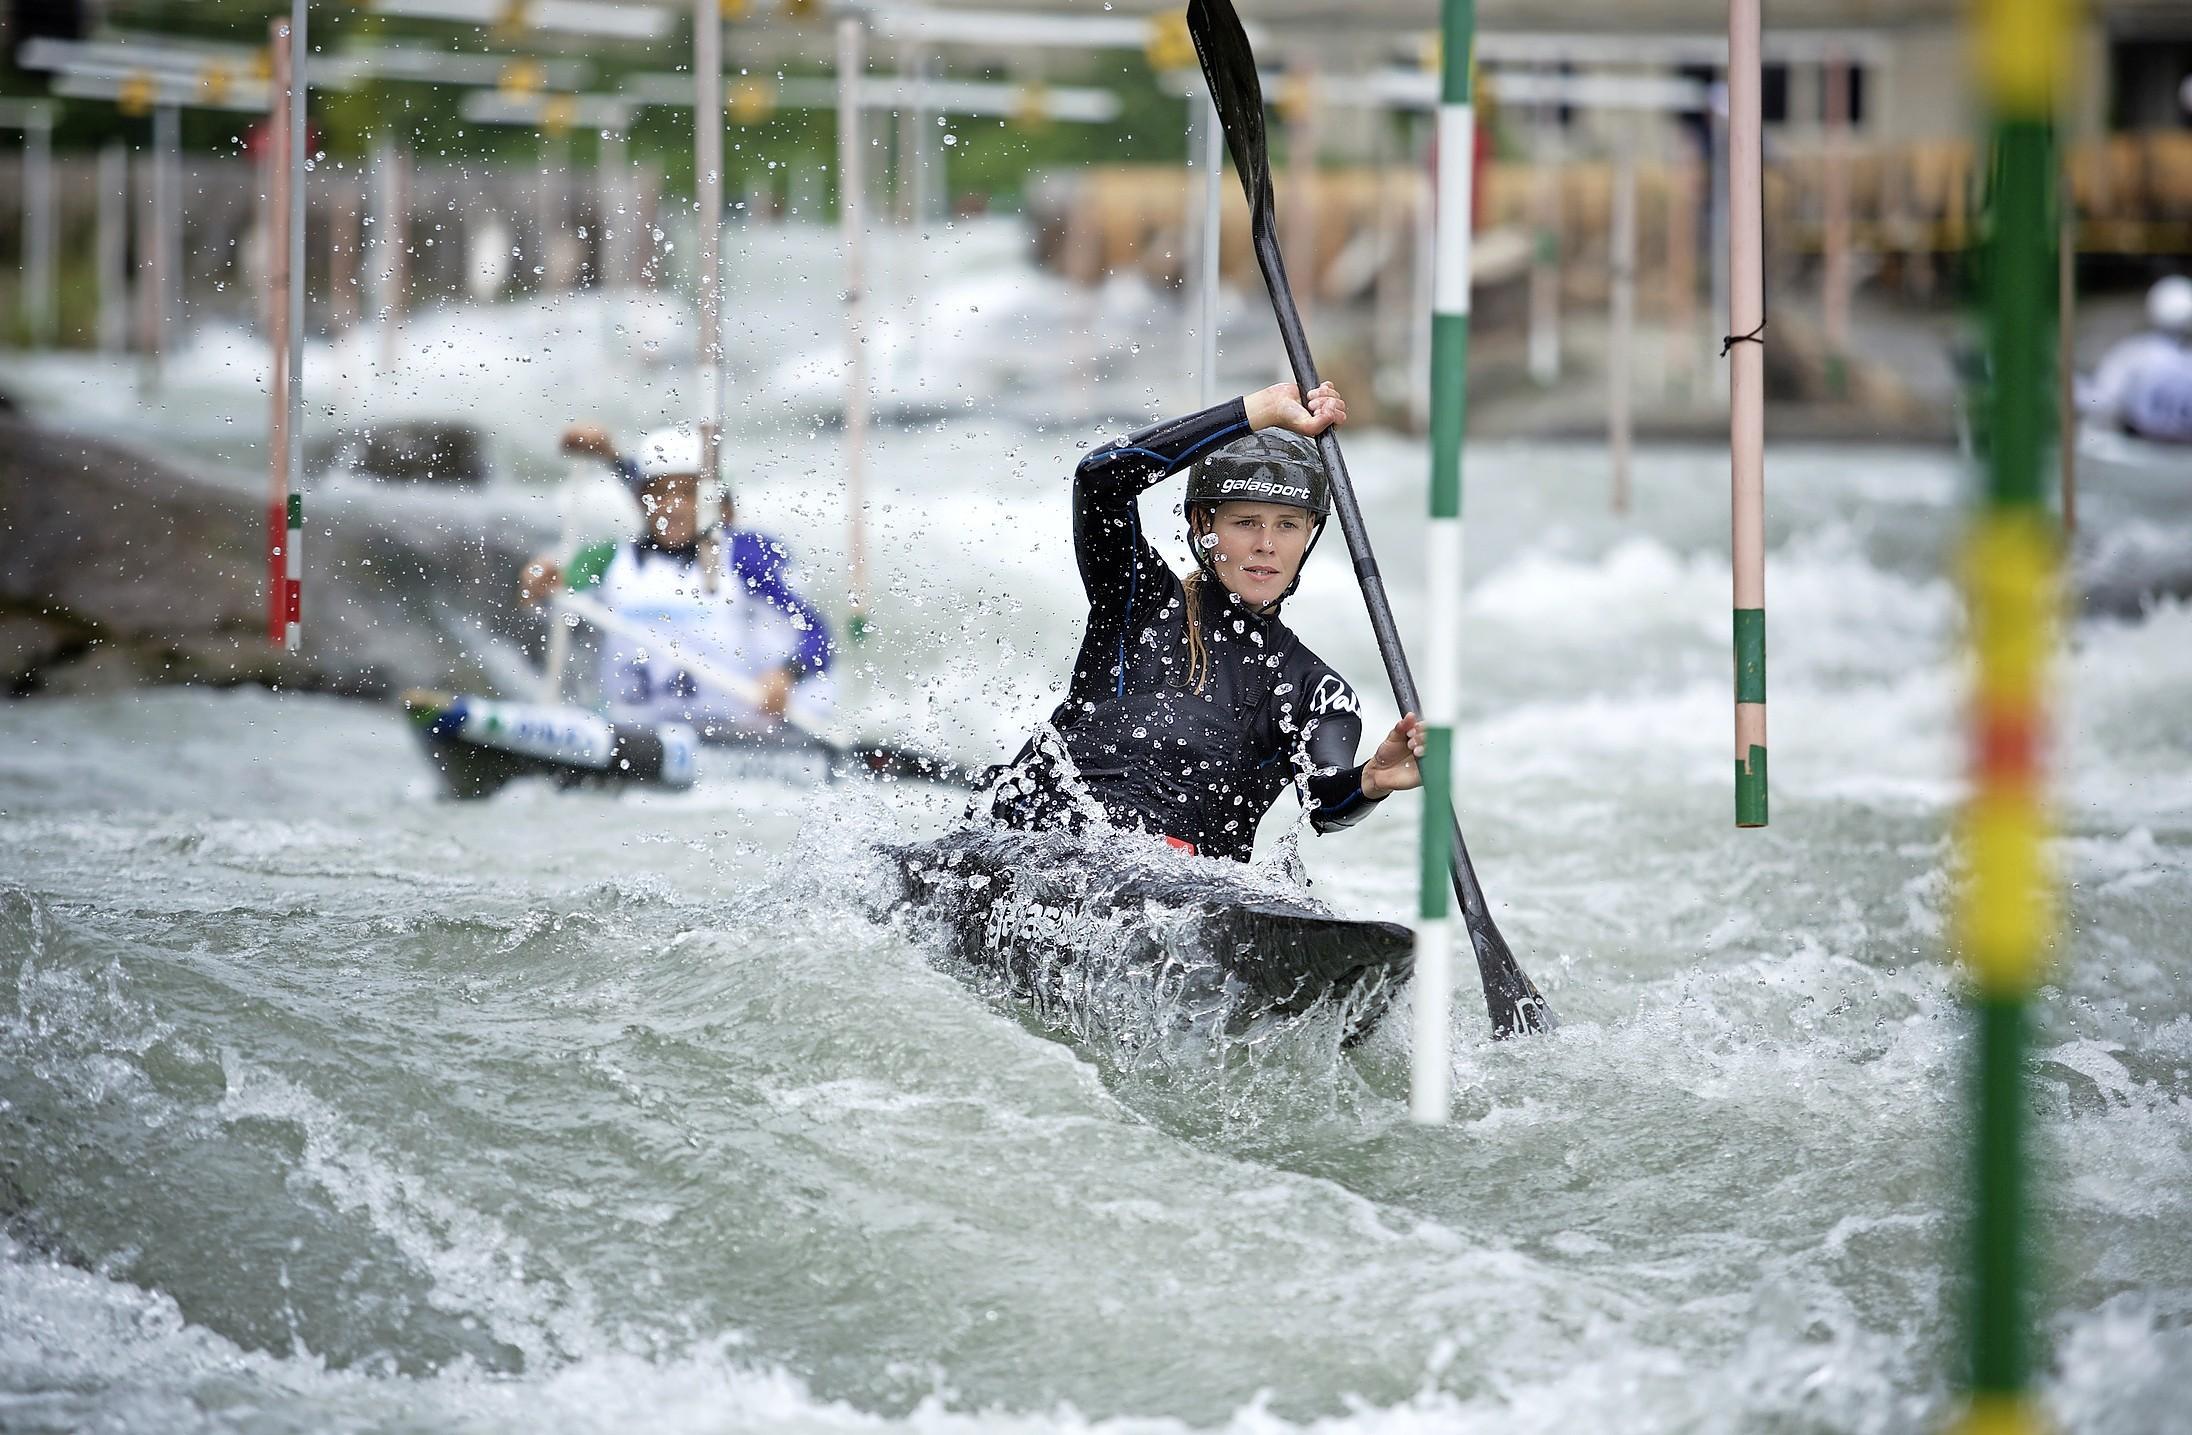 Terug in Europa was het wel even wennen voor kanovaarster Martina Wegman want in Nieuw-Zeeland leefde zij bijna anderhalf jaar zonder corona: 'Op EK in Italië is het weer superfijn op een wildwaterbaan'